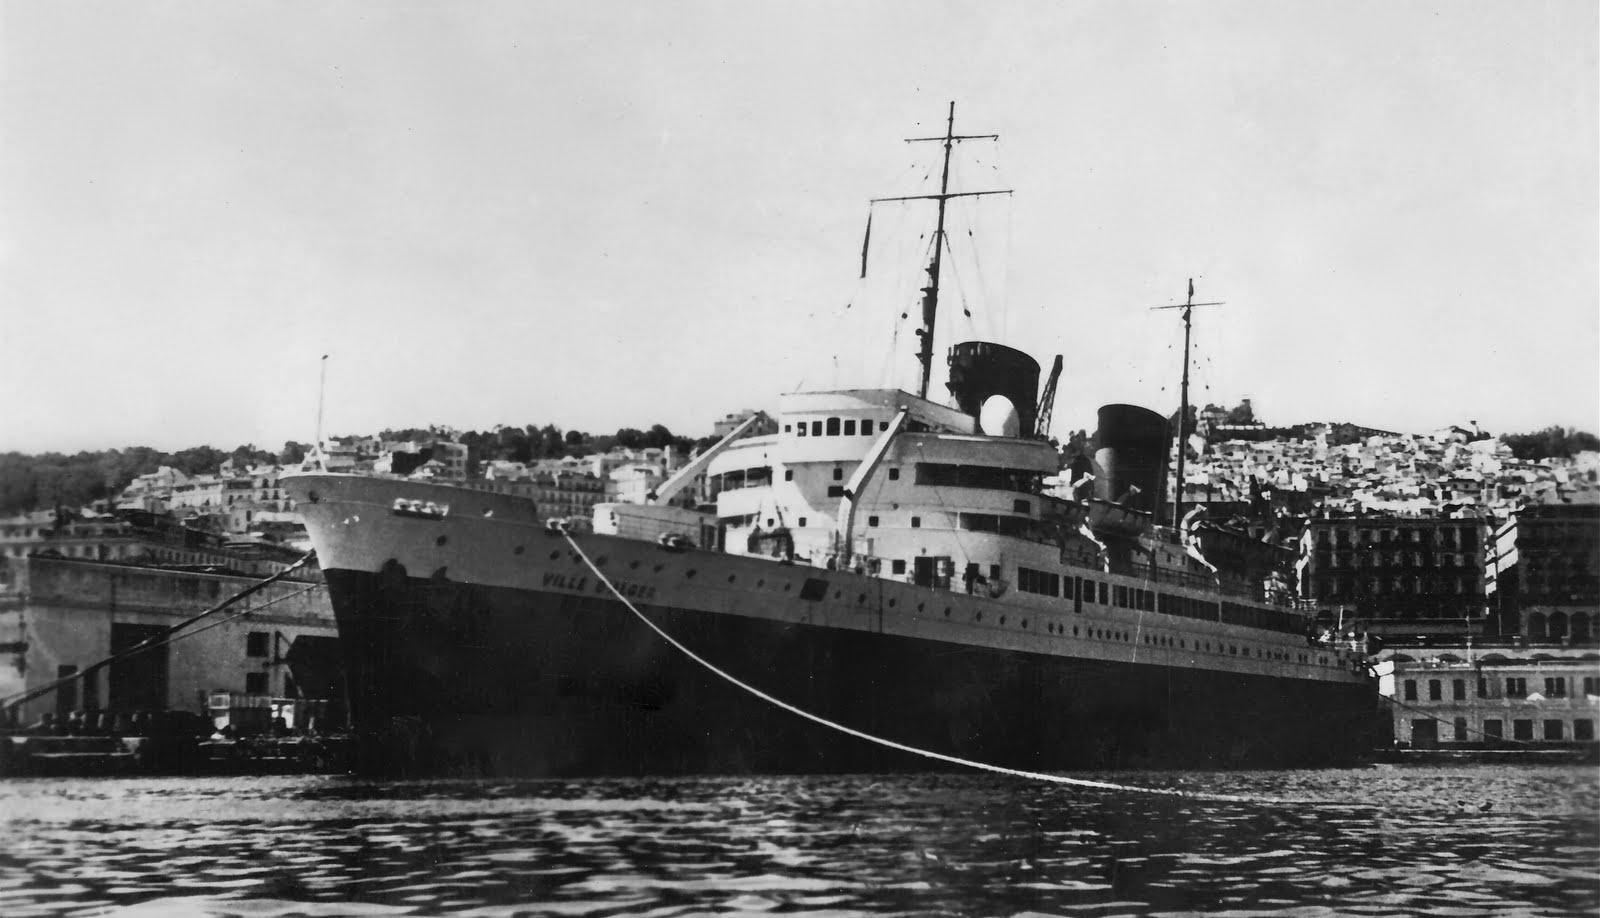 Les chroniques d 39 andr michel besse alg rie 1938 - Port de marseille pour aller en algerie ...